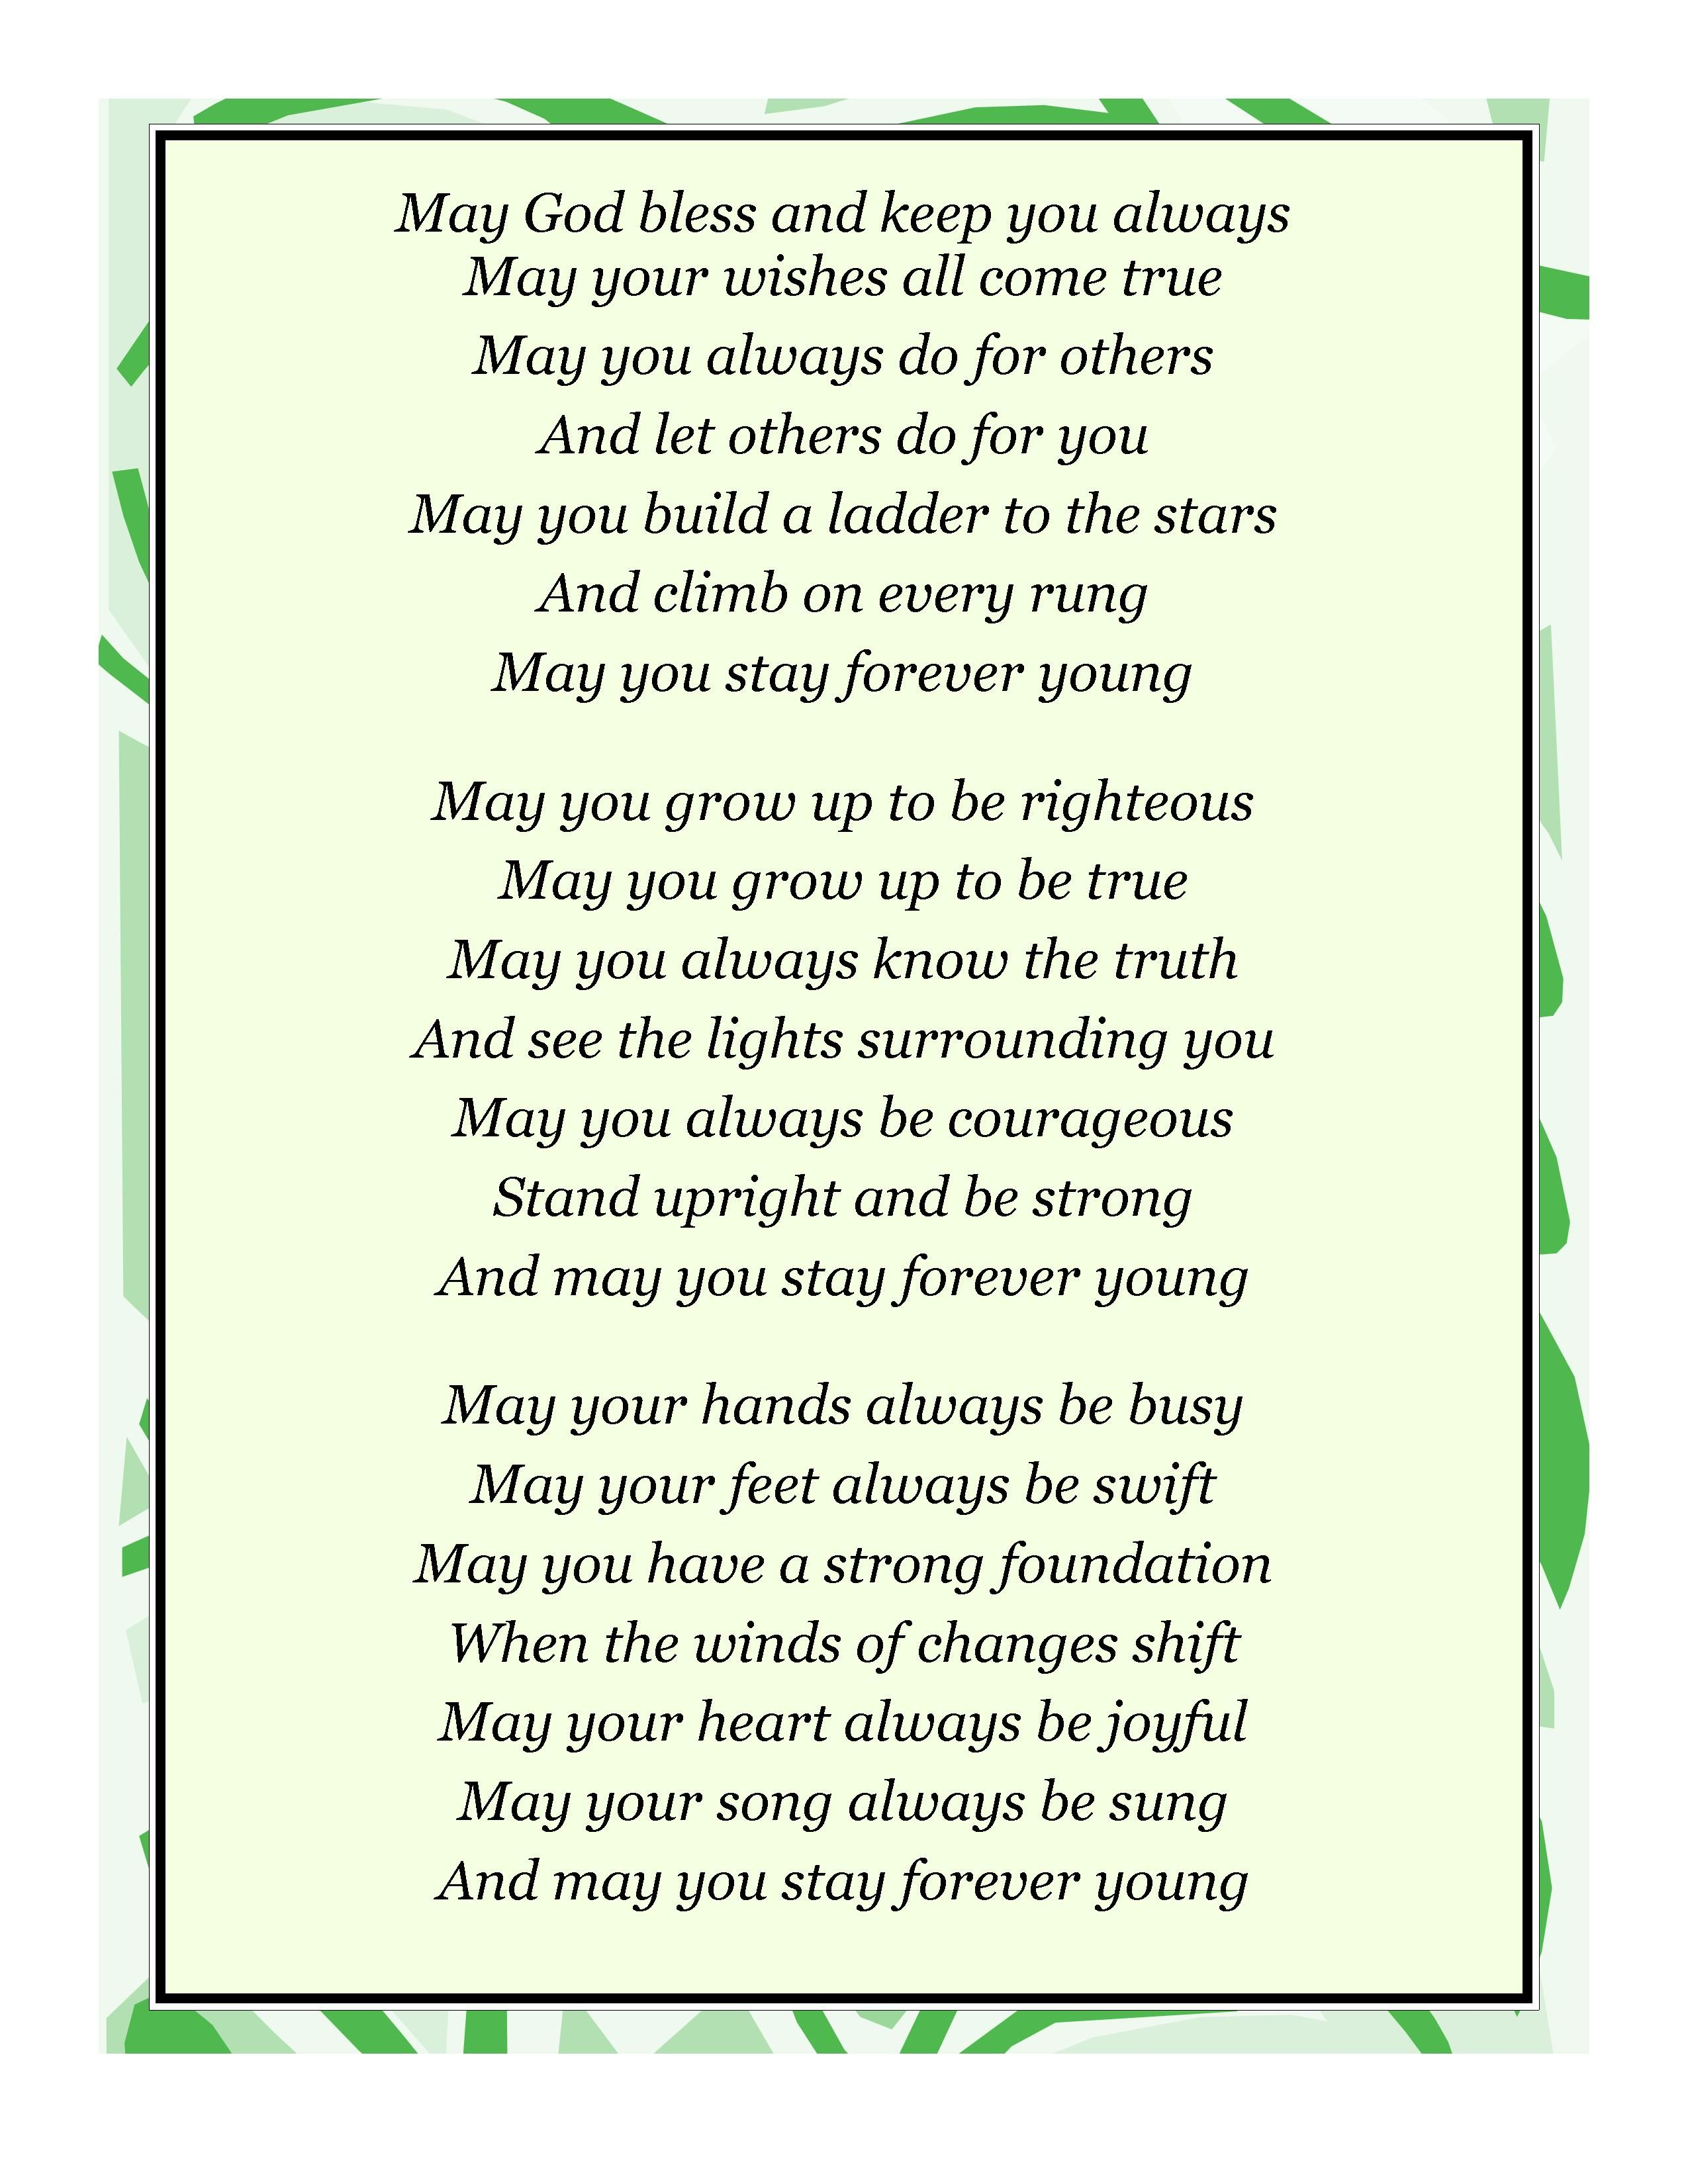 From the non-Irish leprechaun Bob Dylan, an Irish-sounding blessing.